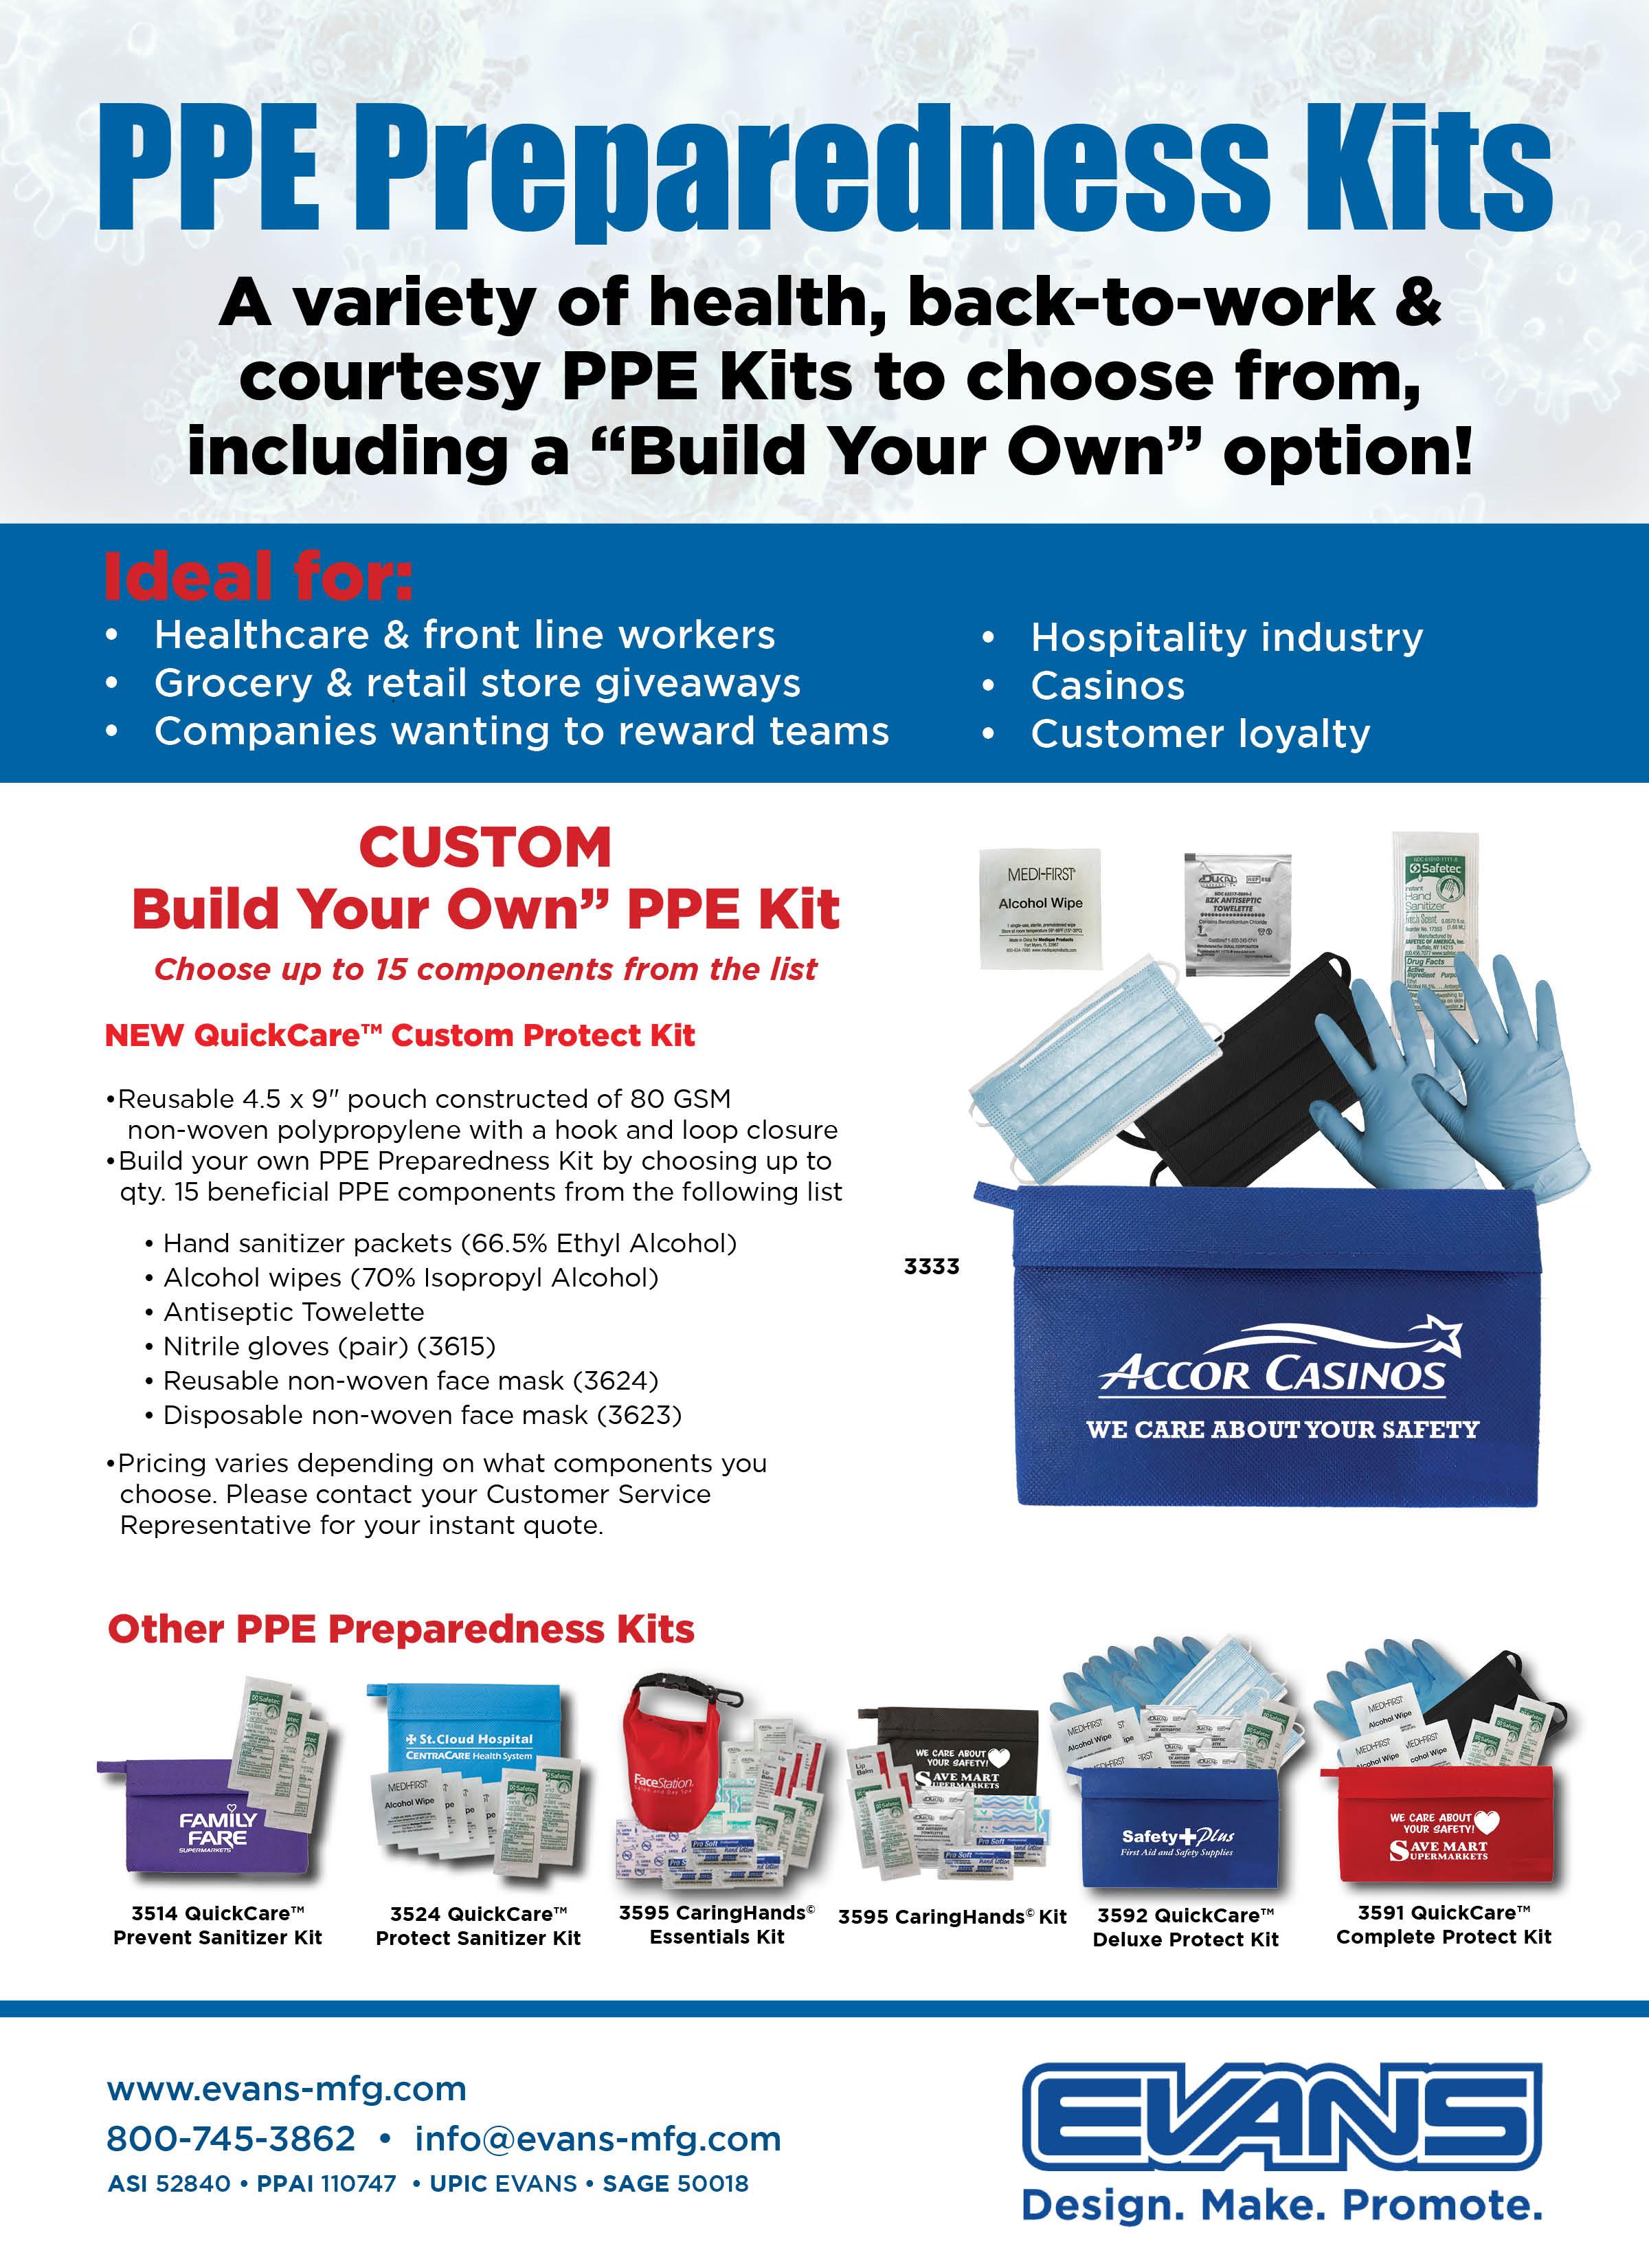 PPE Preparedness Kits